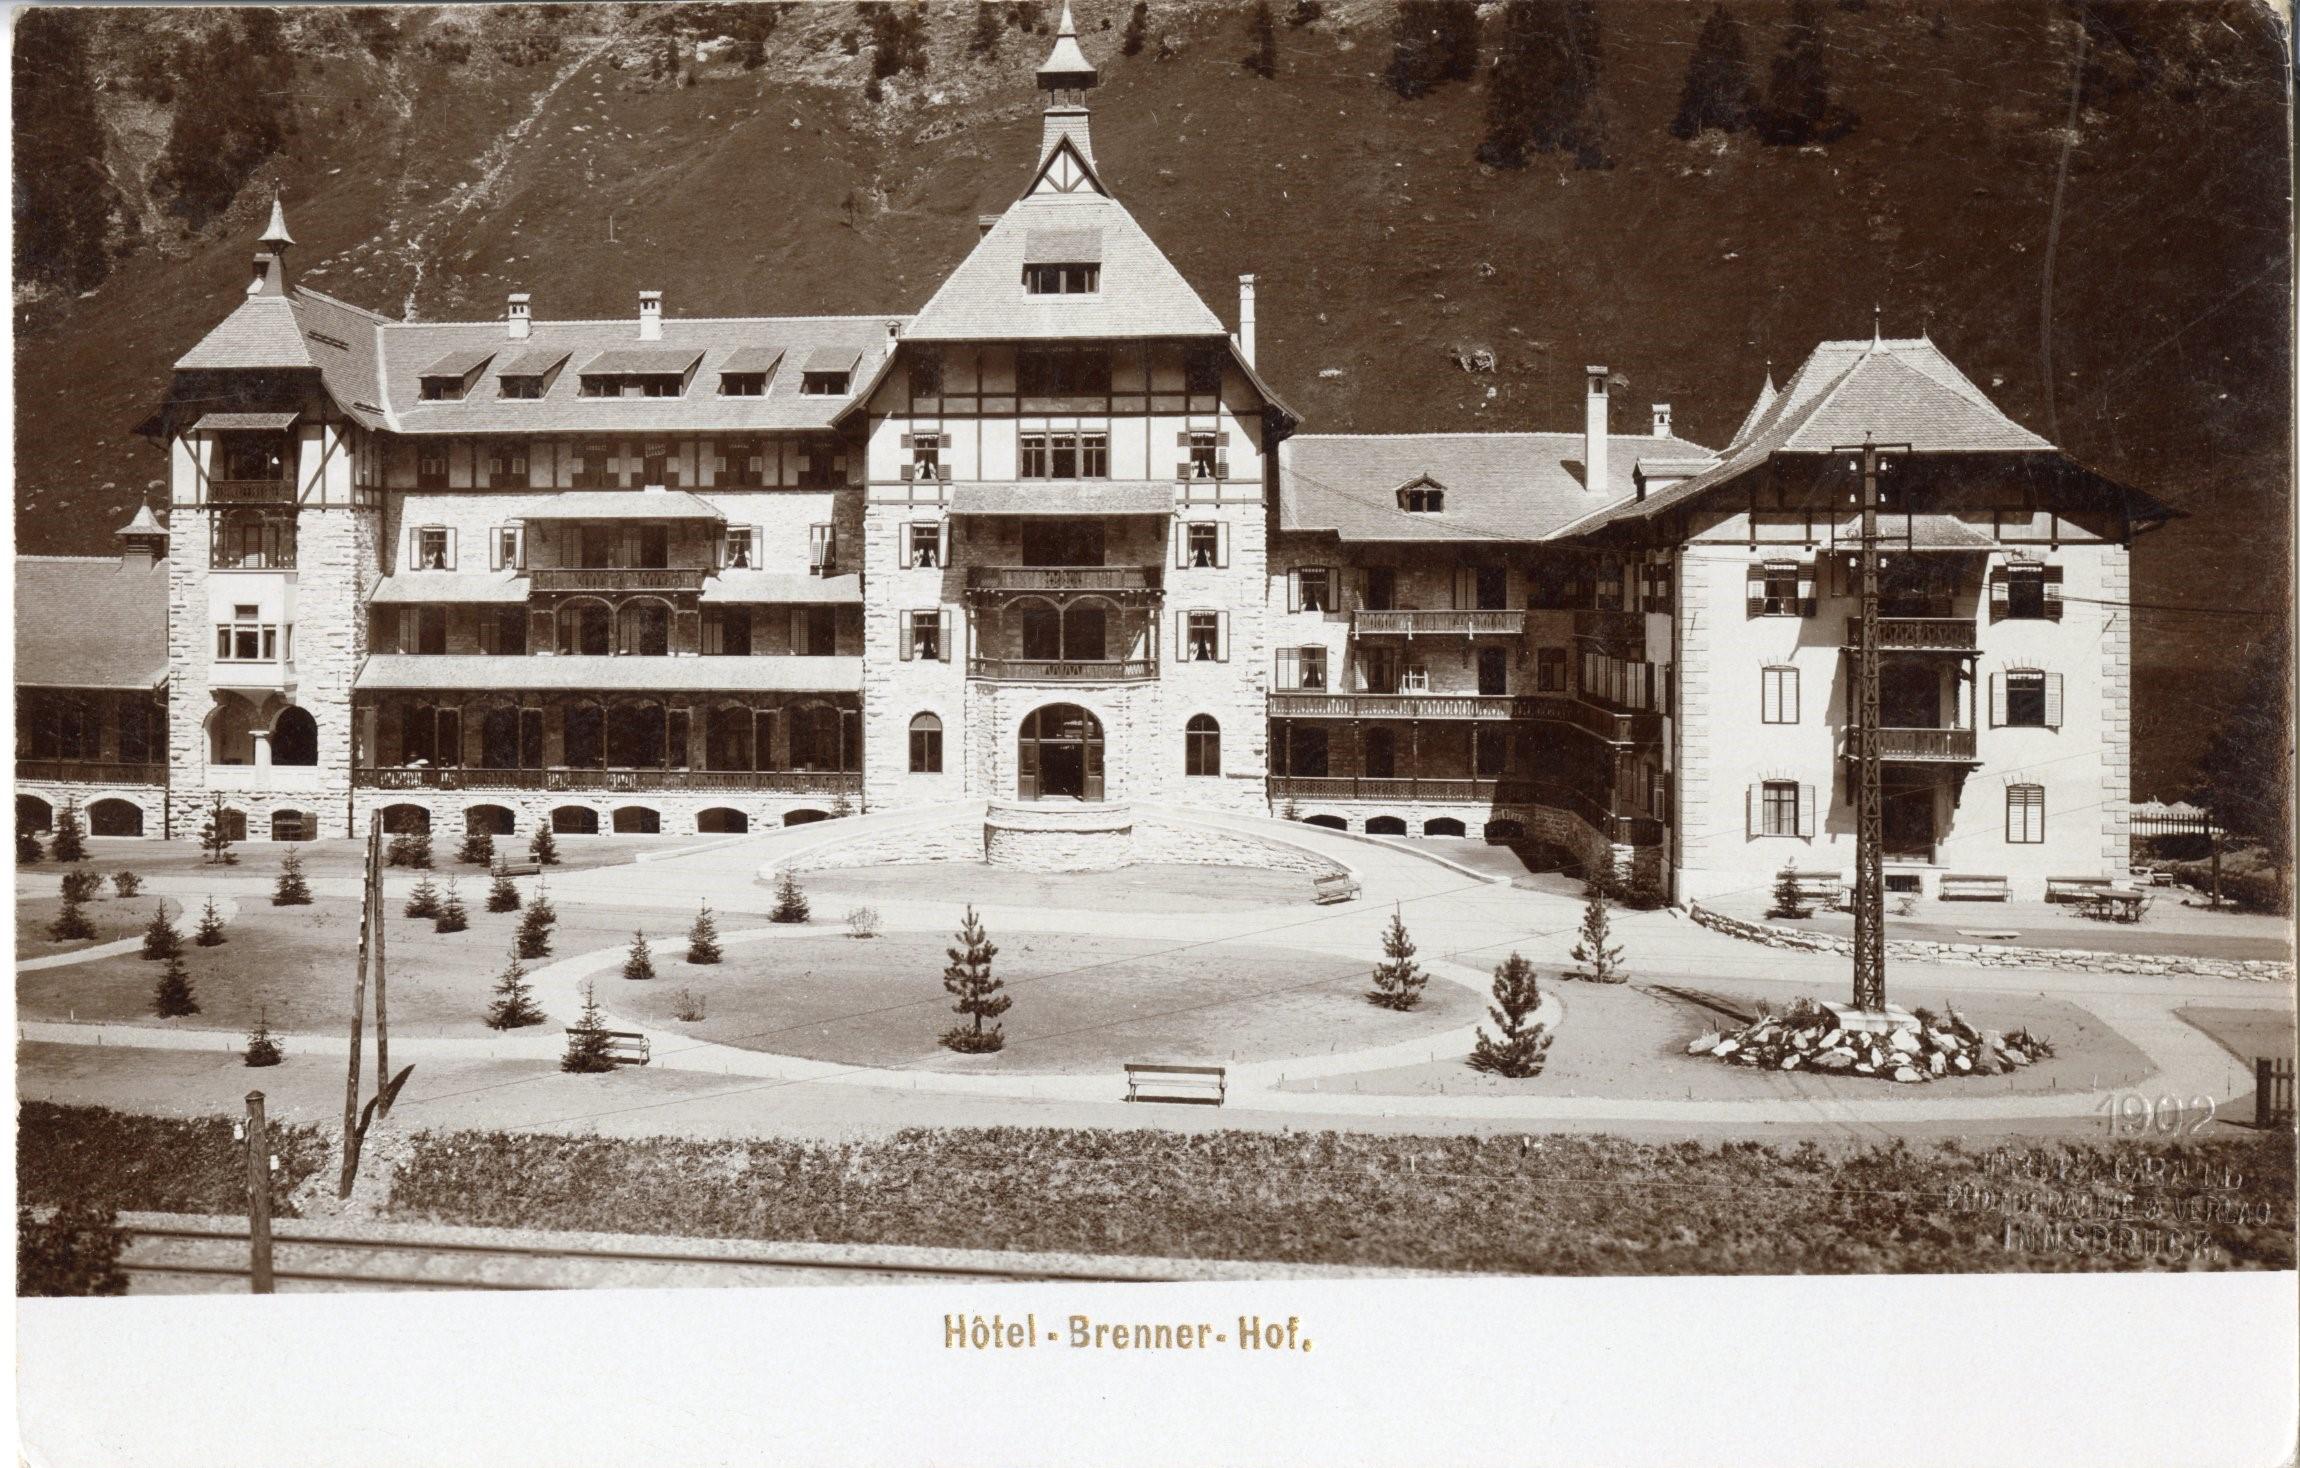 Urlaub Am Brenner?